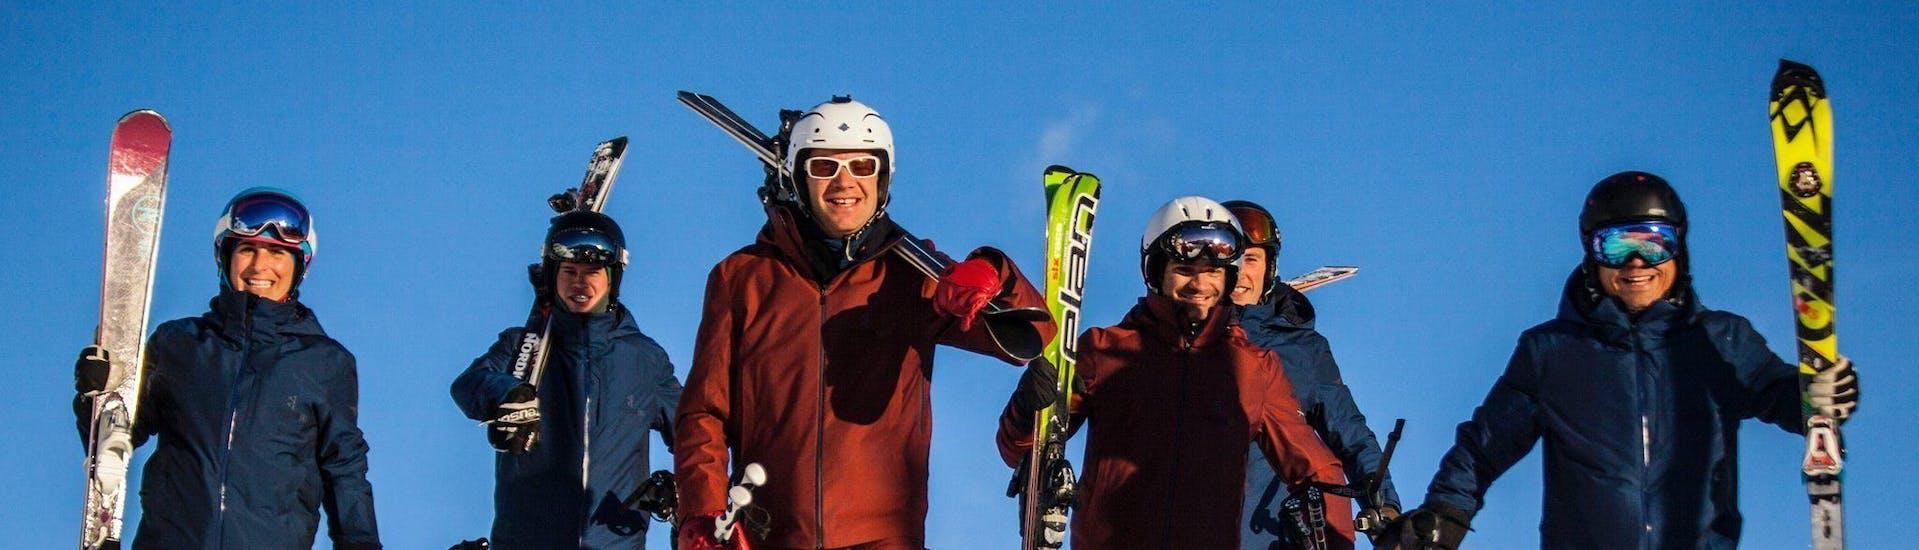 Privé skilessen voor volwassenen voor alle niveaus met PassionSki - St. Moritz - Hero image